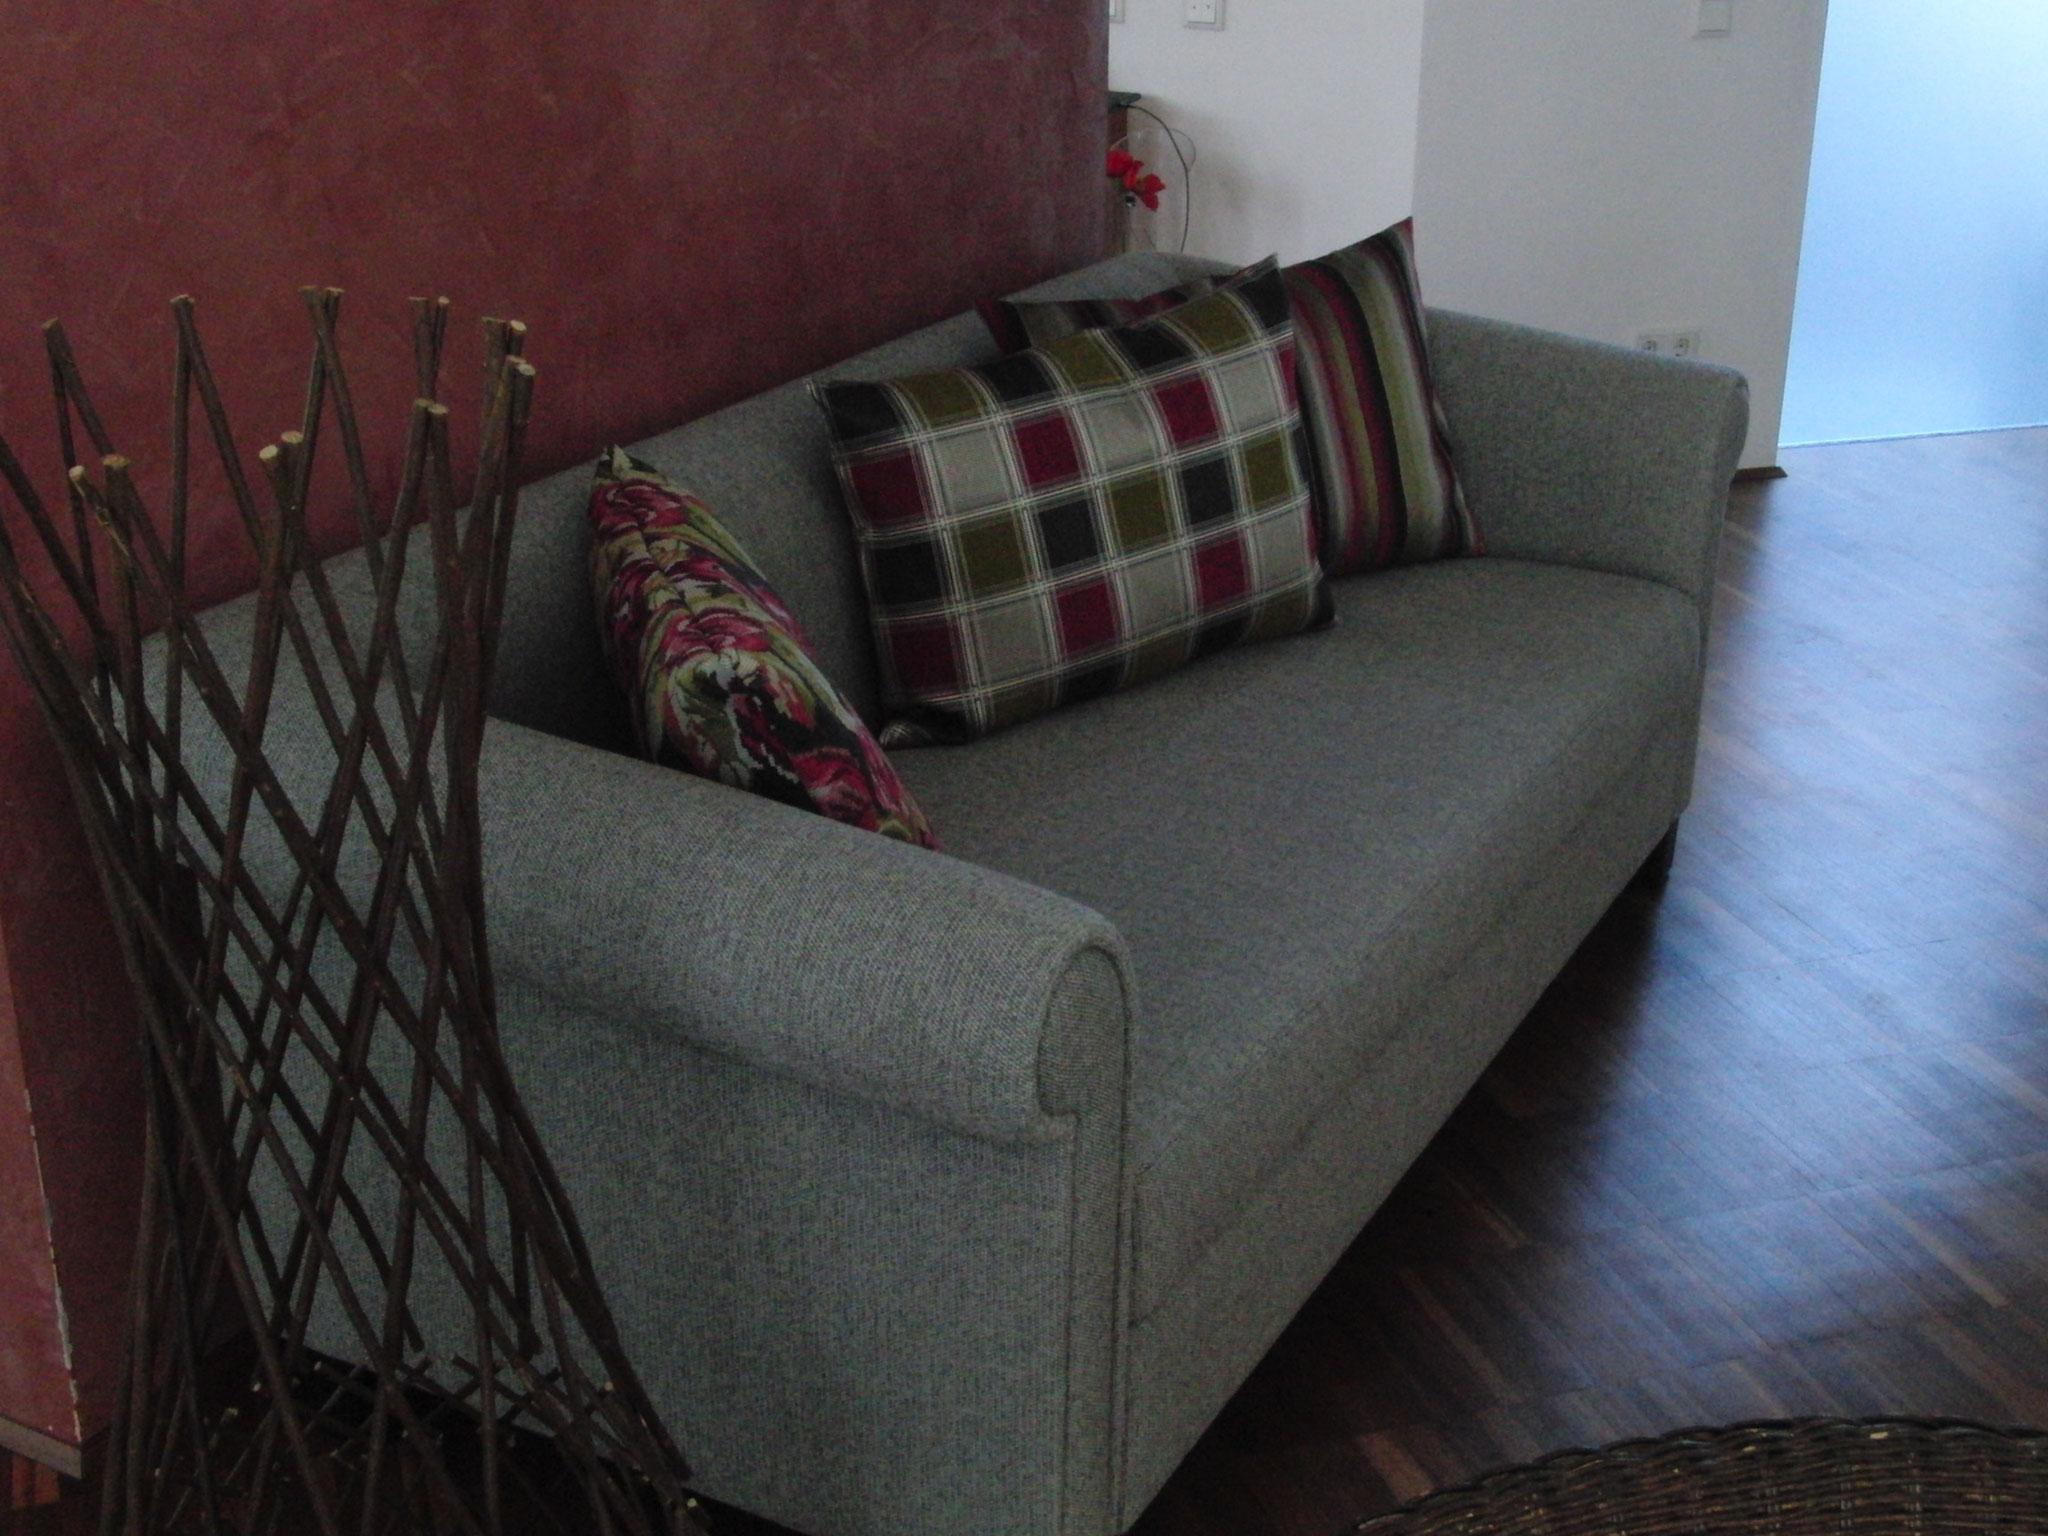 Wohnzimmer: 2 x Sofa neu aufgepolstert und bezogen inkl. neuer Kissen